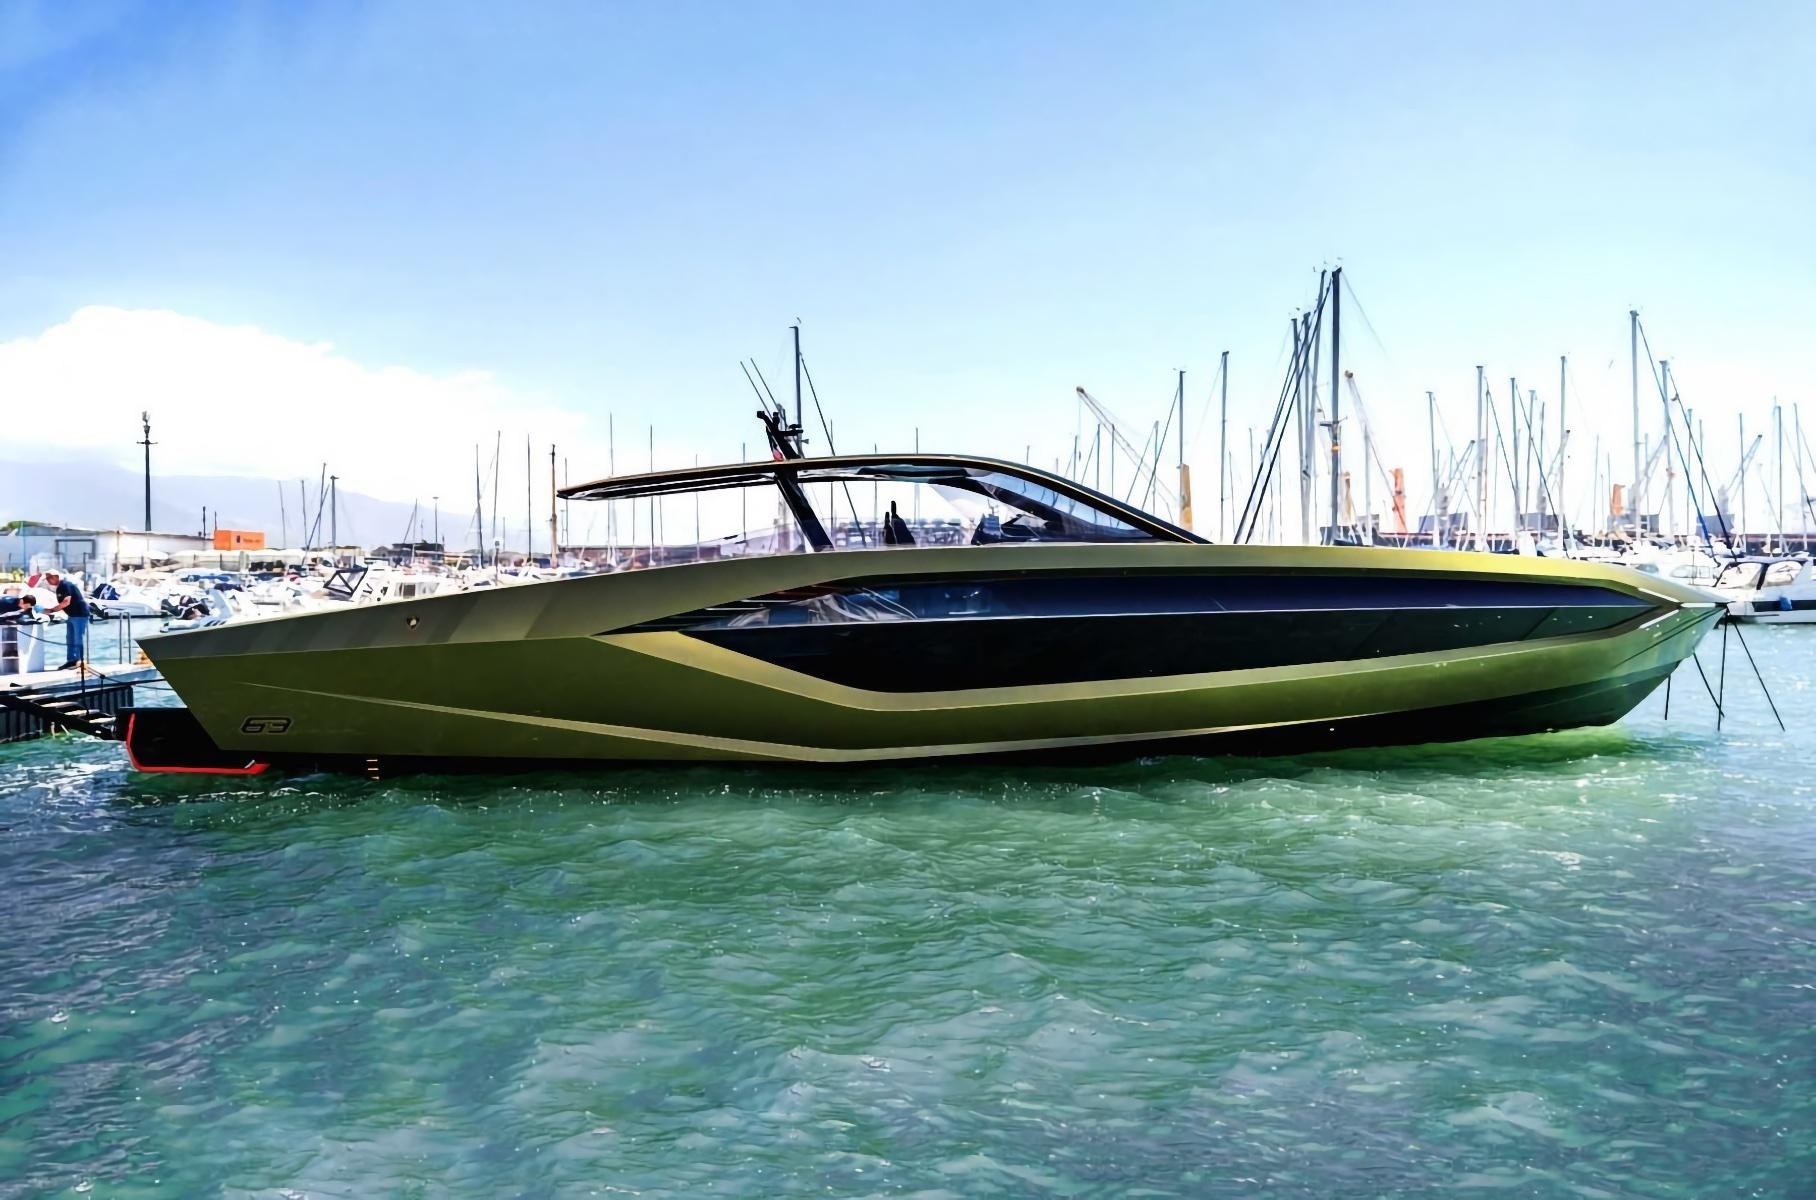 Конор Макгрегор купил скоростной катер Lamborghini за 300 млн рублей